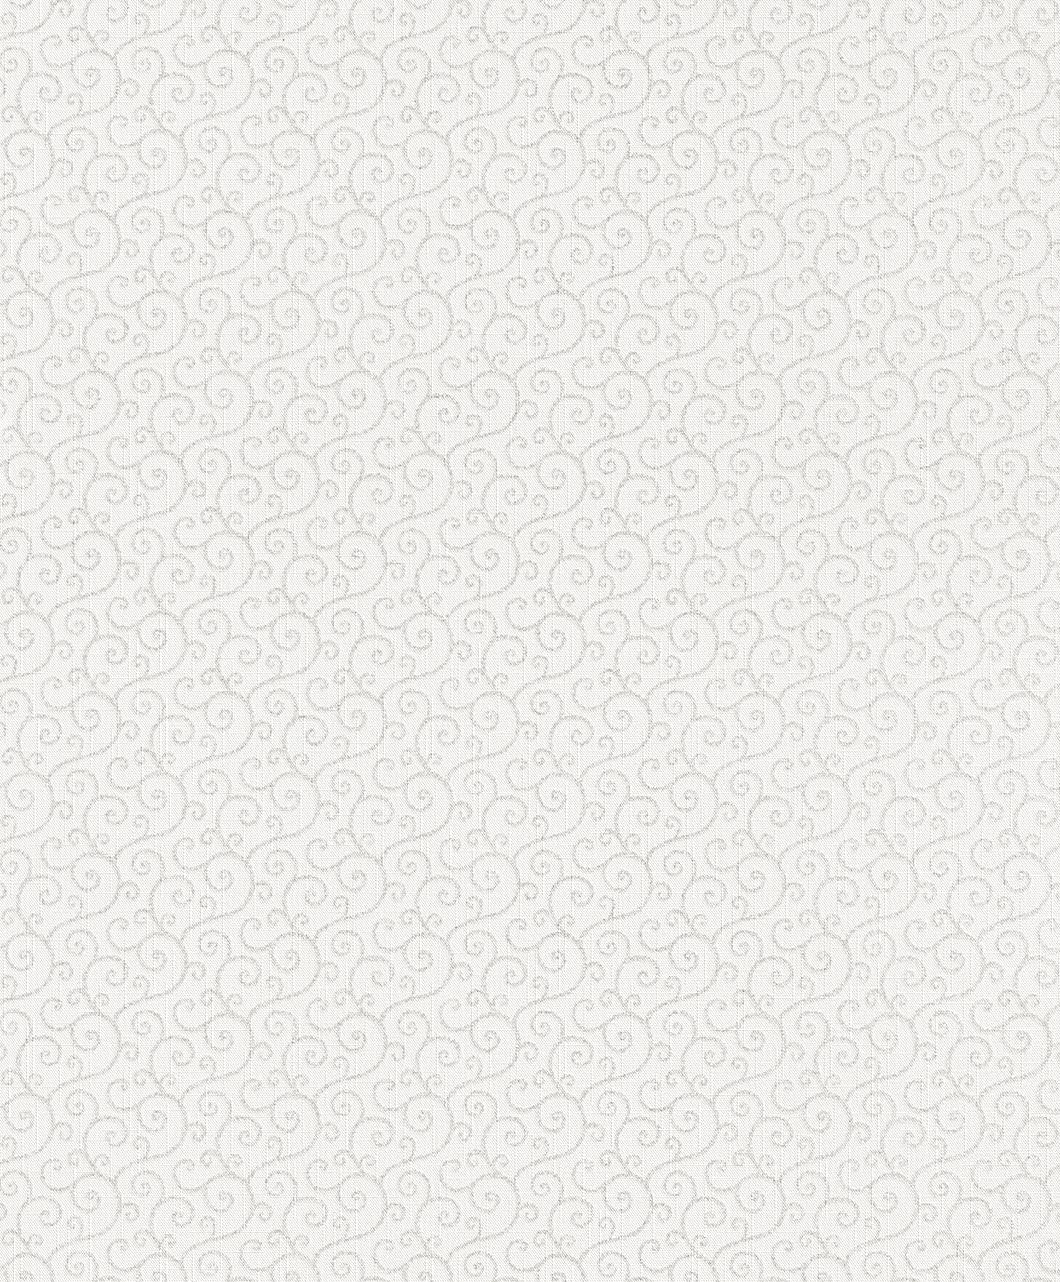 Tapeta na zeď Rasch Shiny Chic 423808 | 0,53x10,05m (Vliesové tapety - šedá, stříbrná)